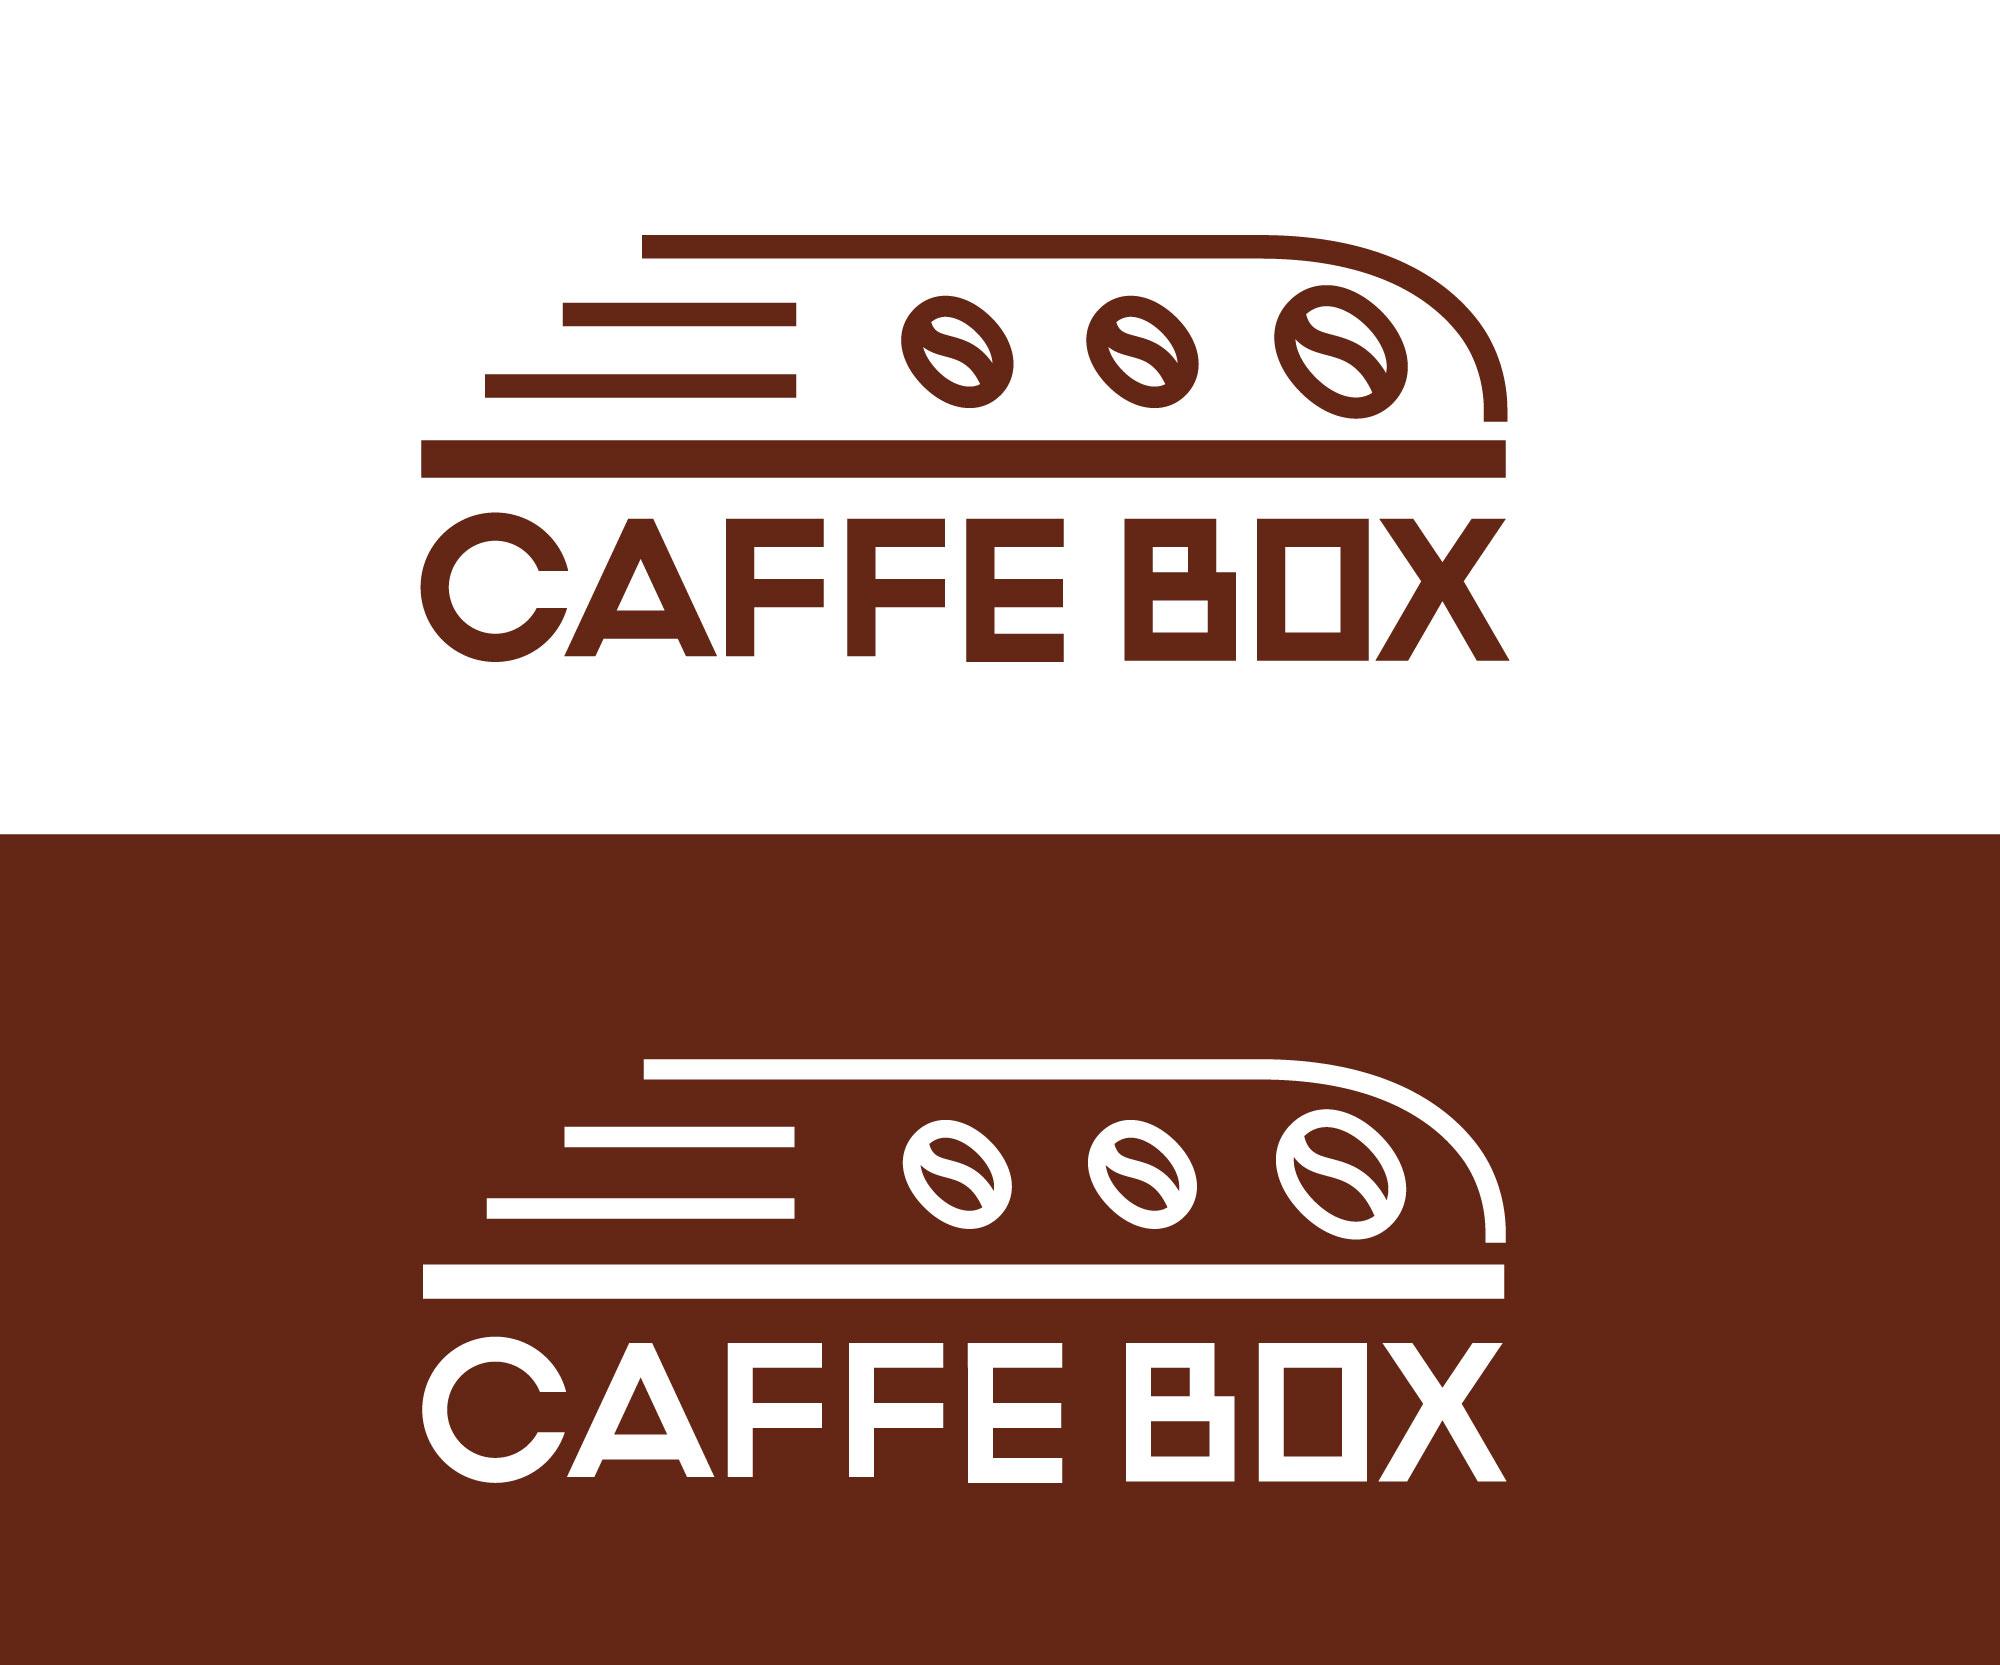 Требуется очень срочно разработать логотип кофейни! фото f_5015a0e035b32666.jpg